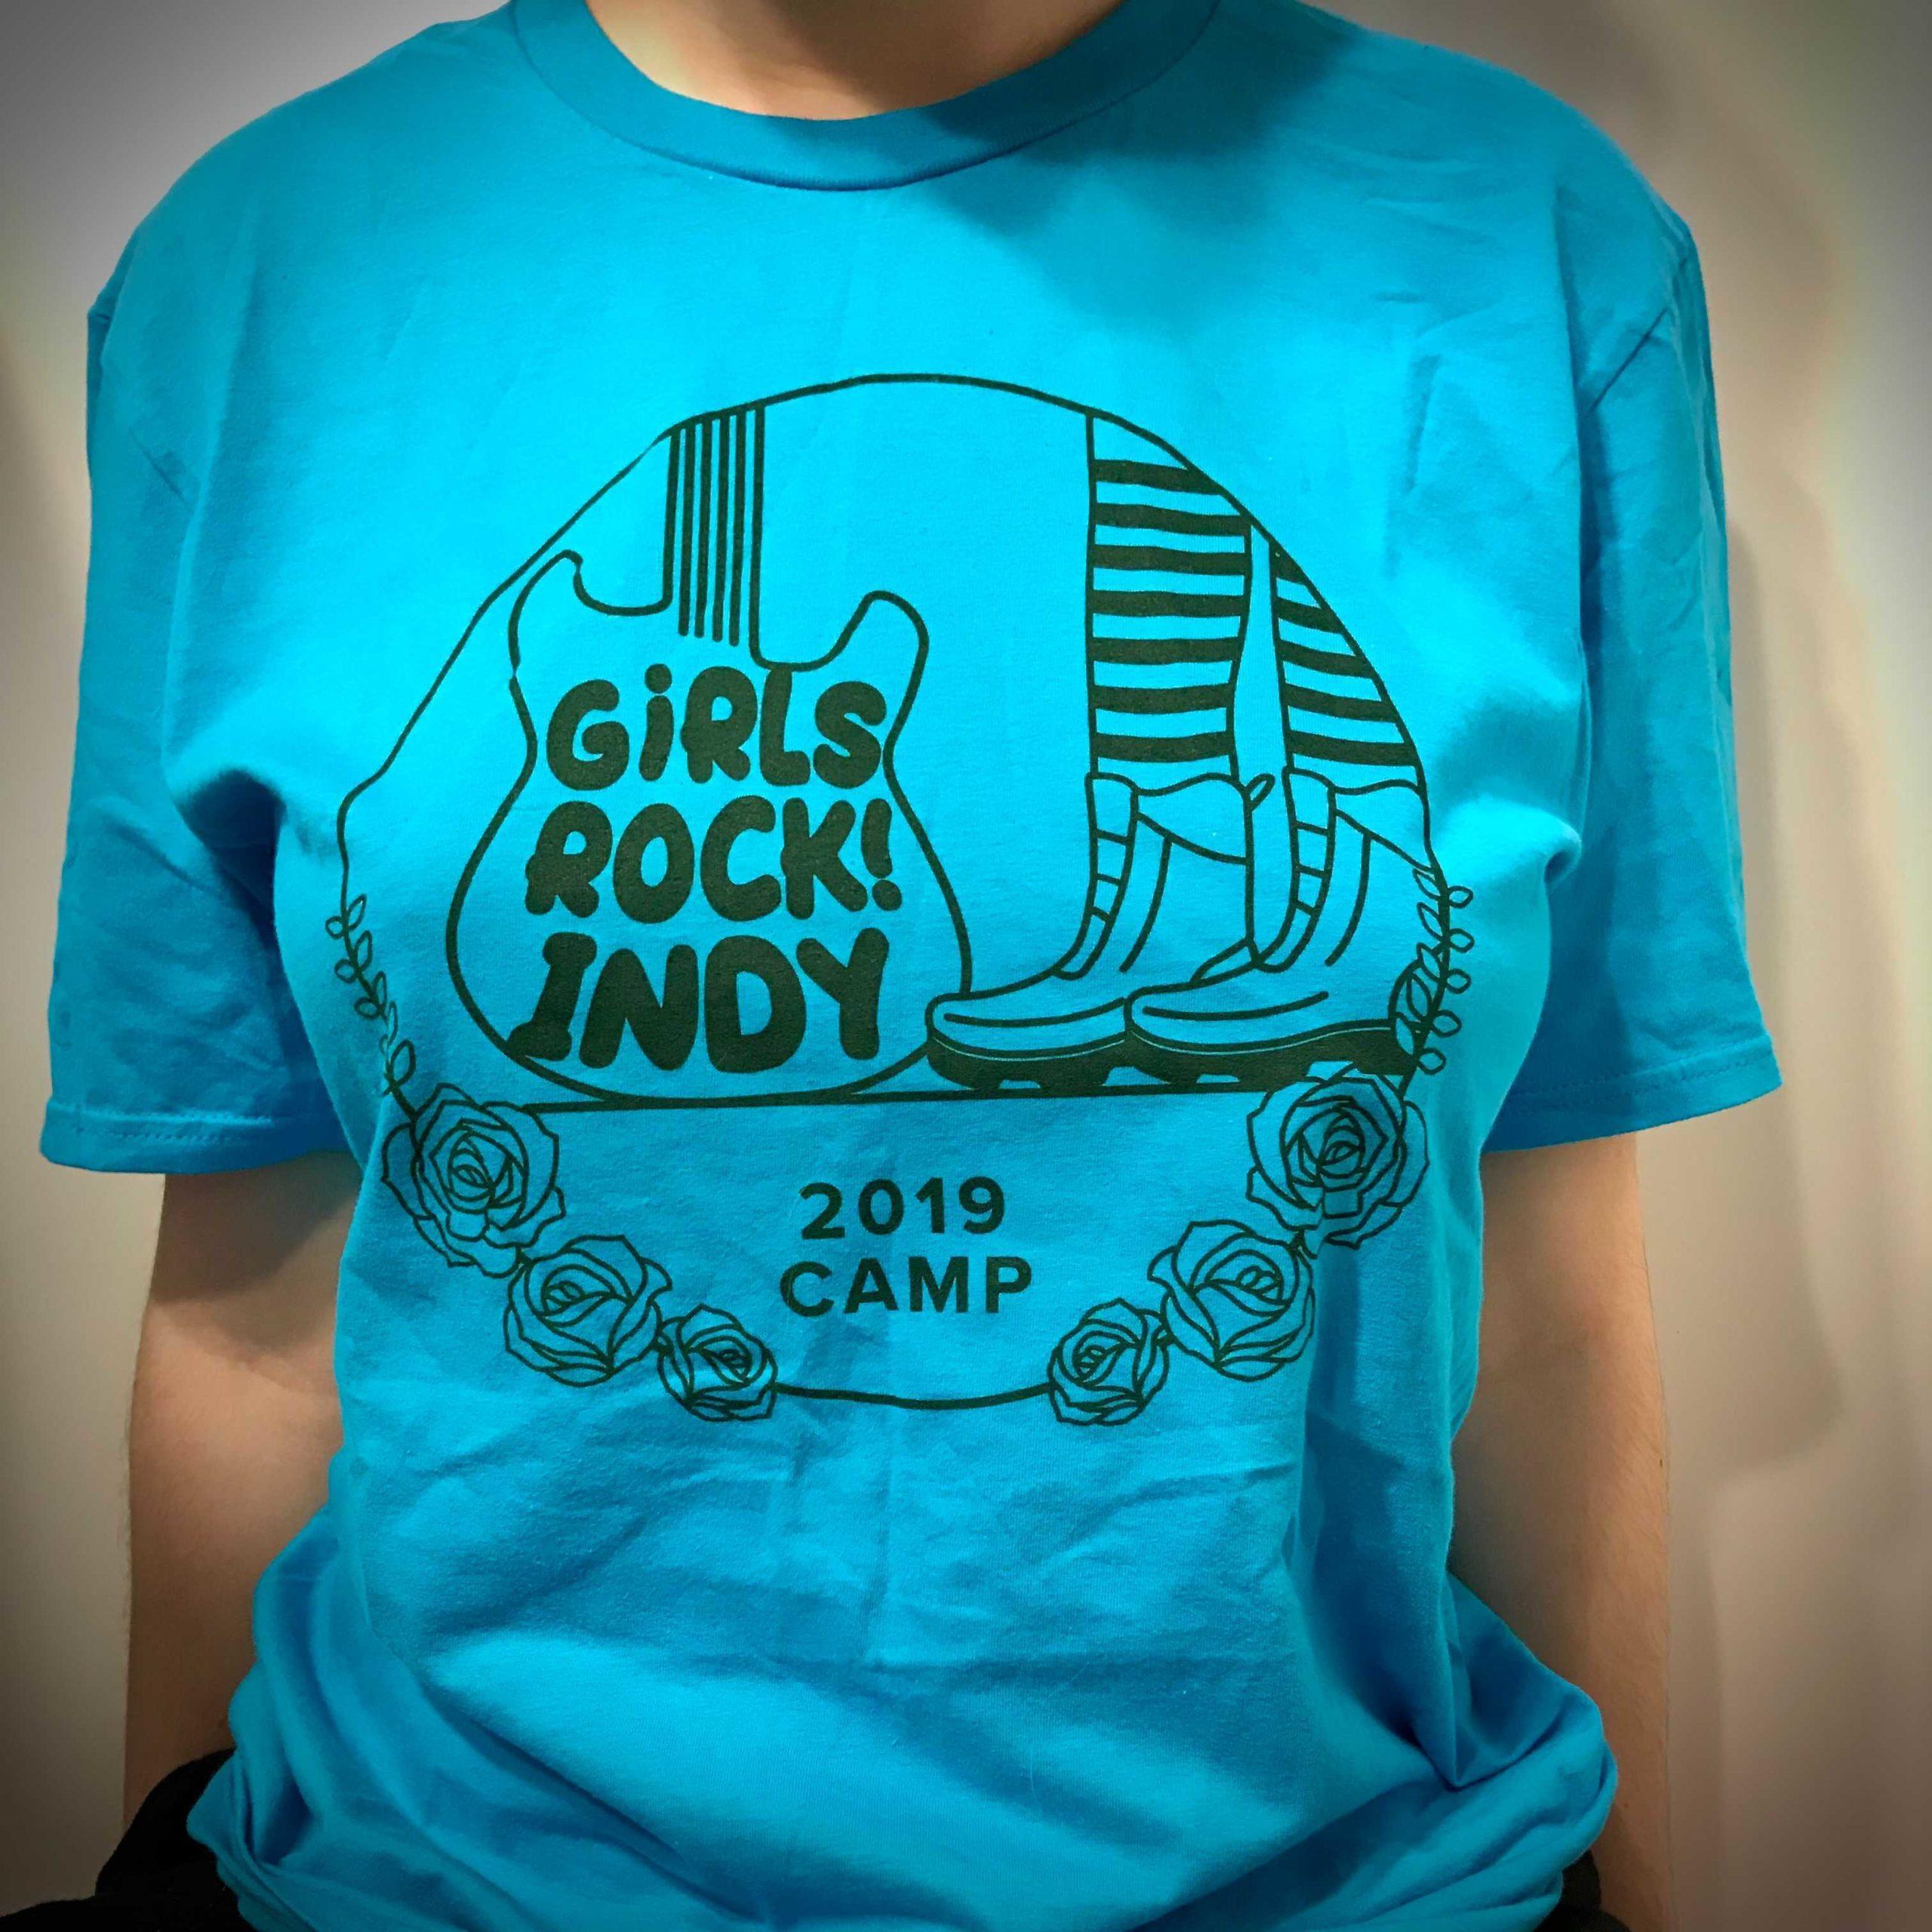 2019 Camp Shirt - blue